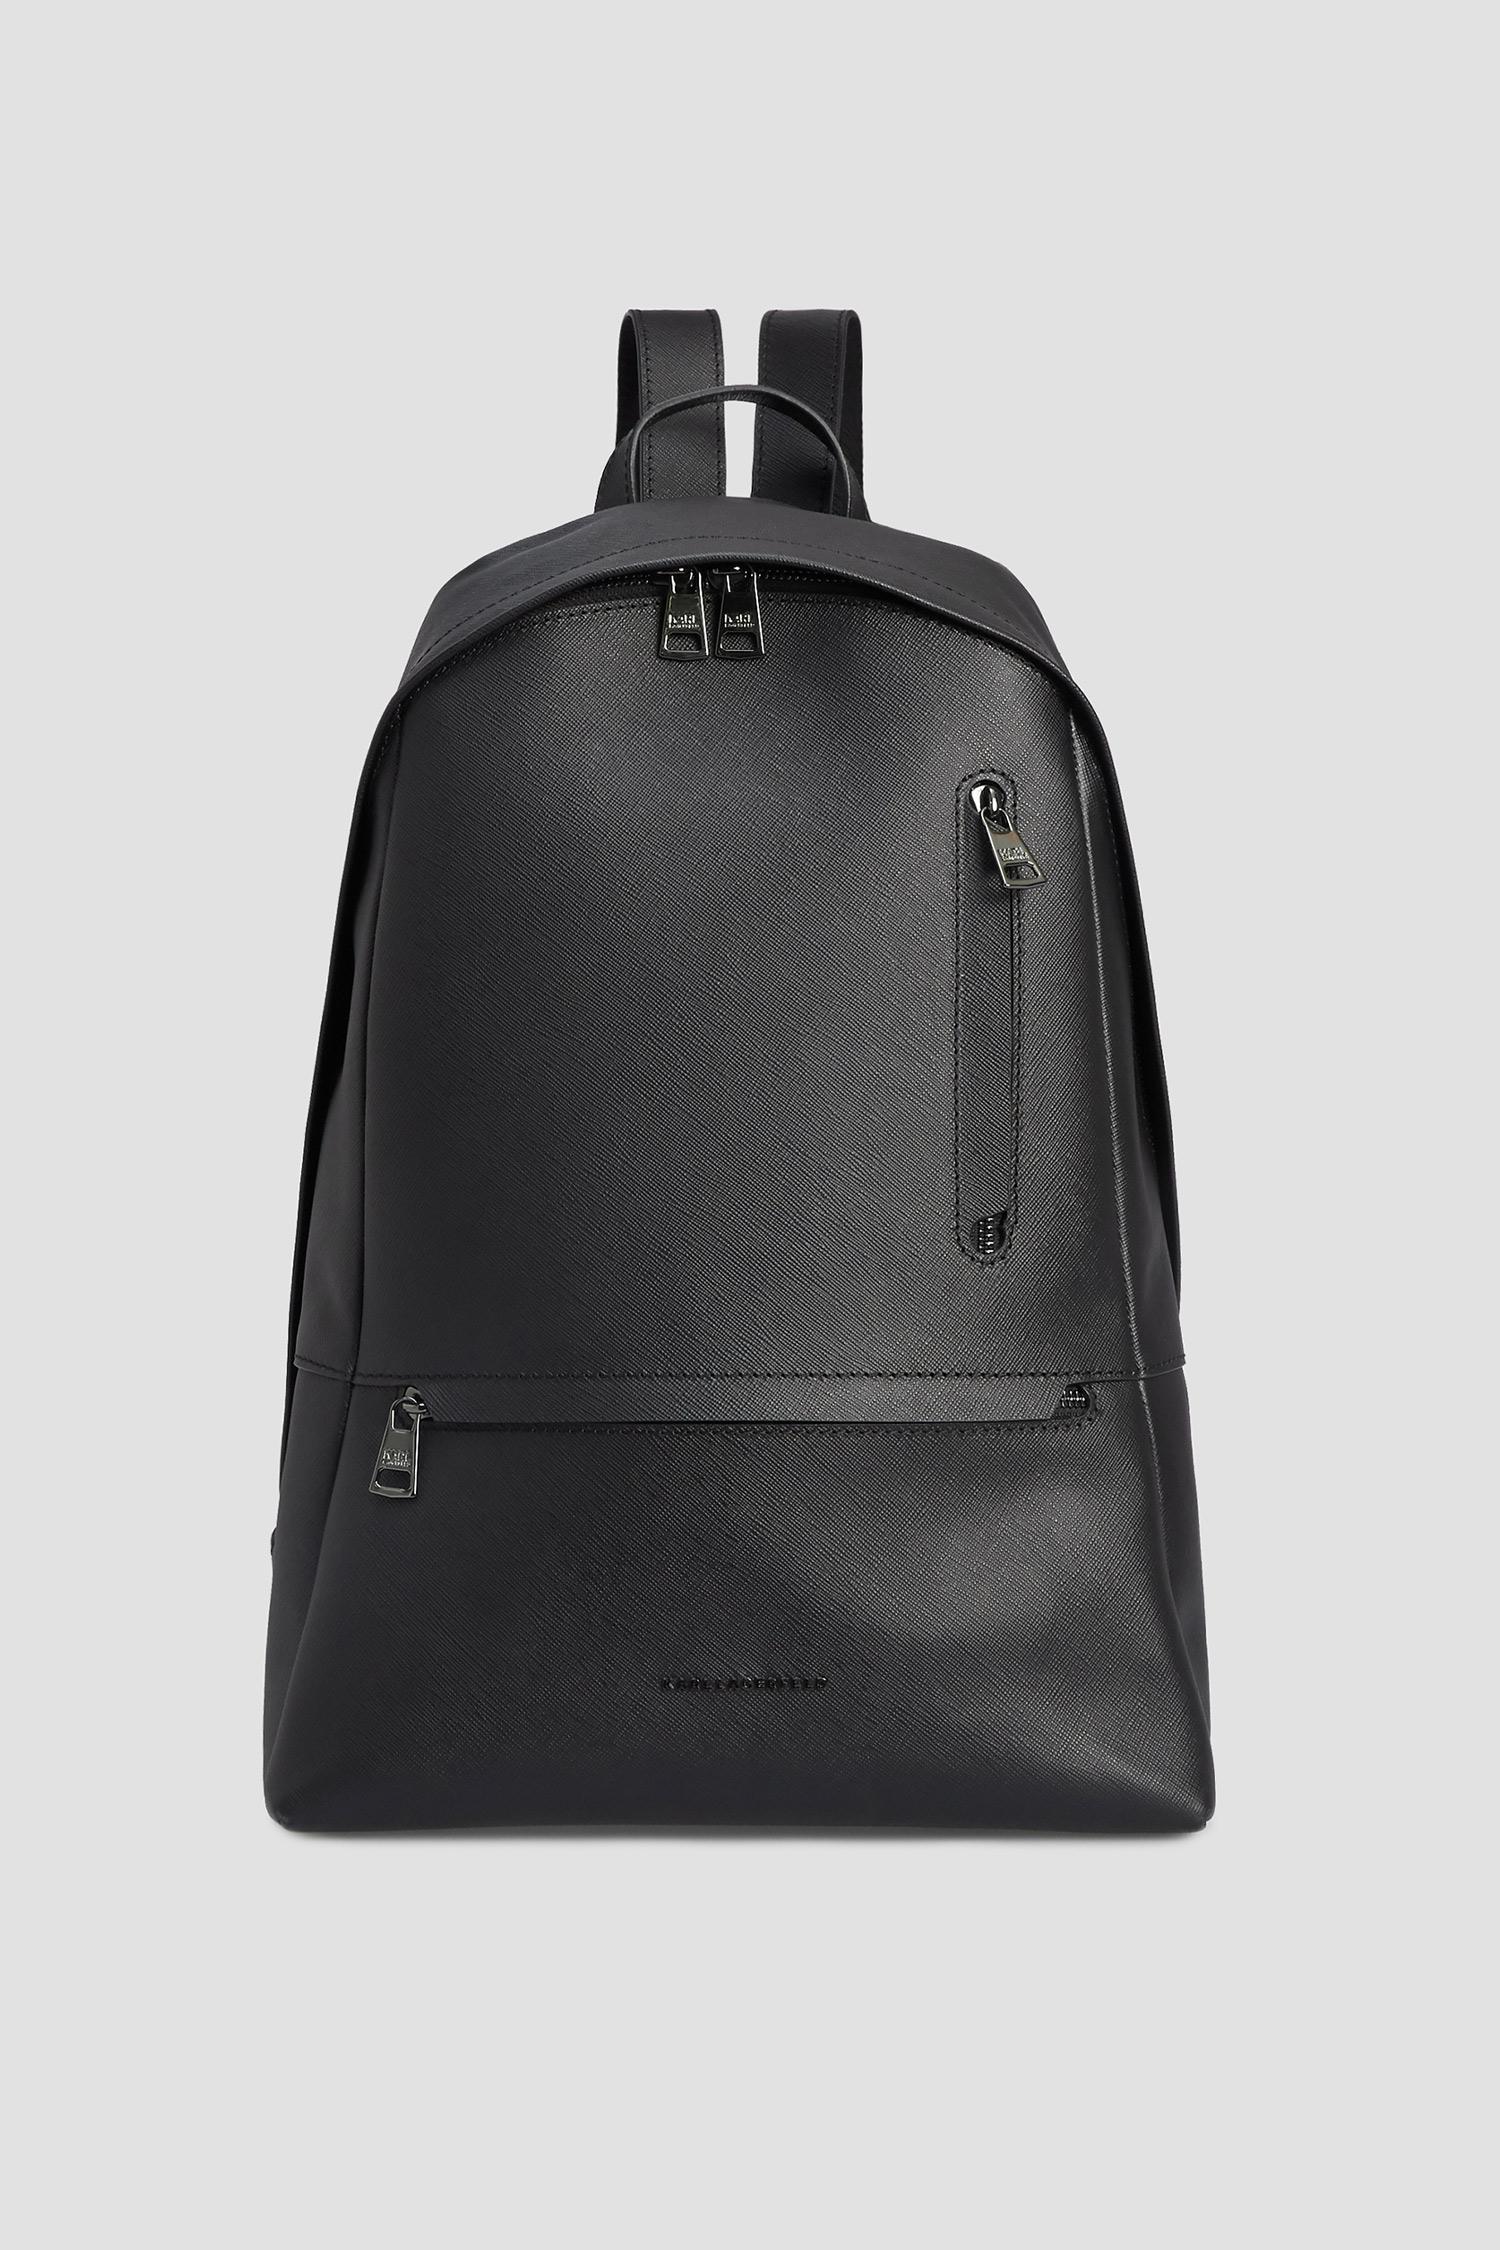 Чоловічий чорний рюкзак Karl Lagerfeld 502452.815901;990